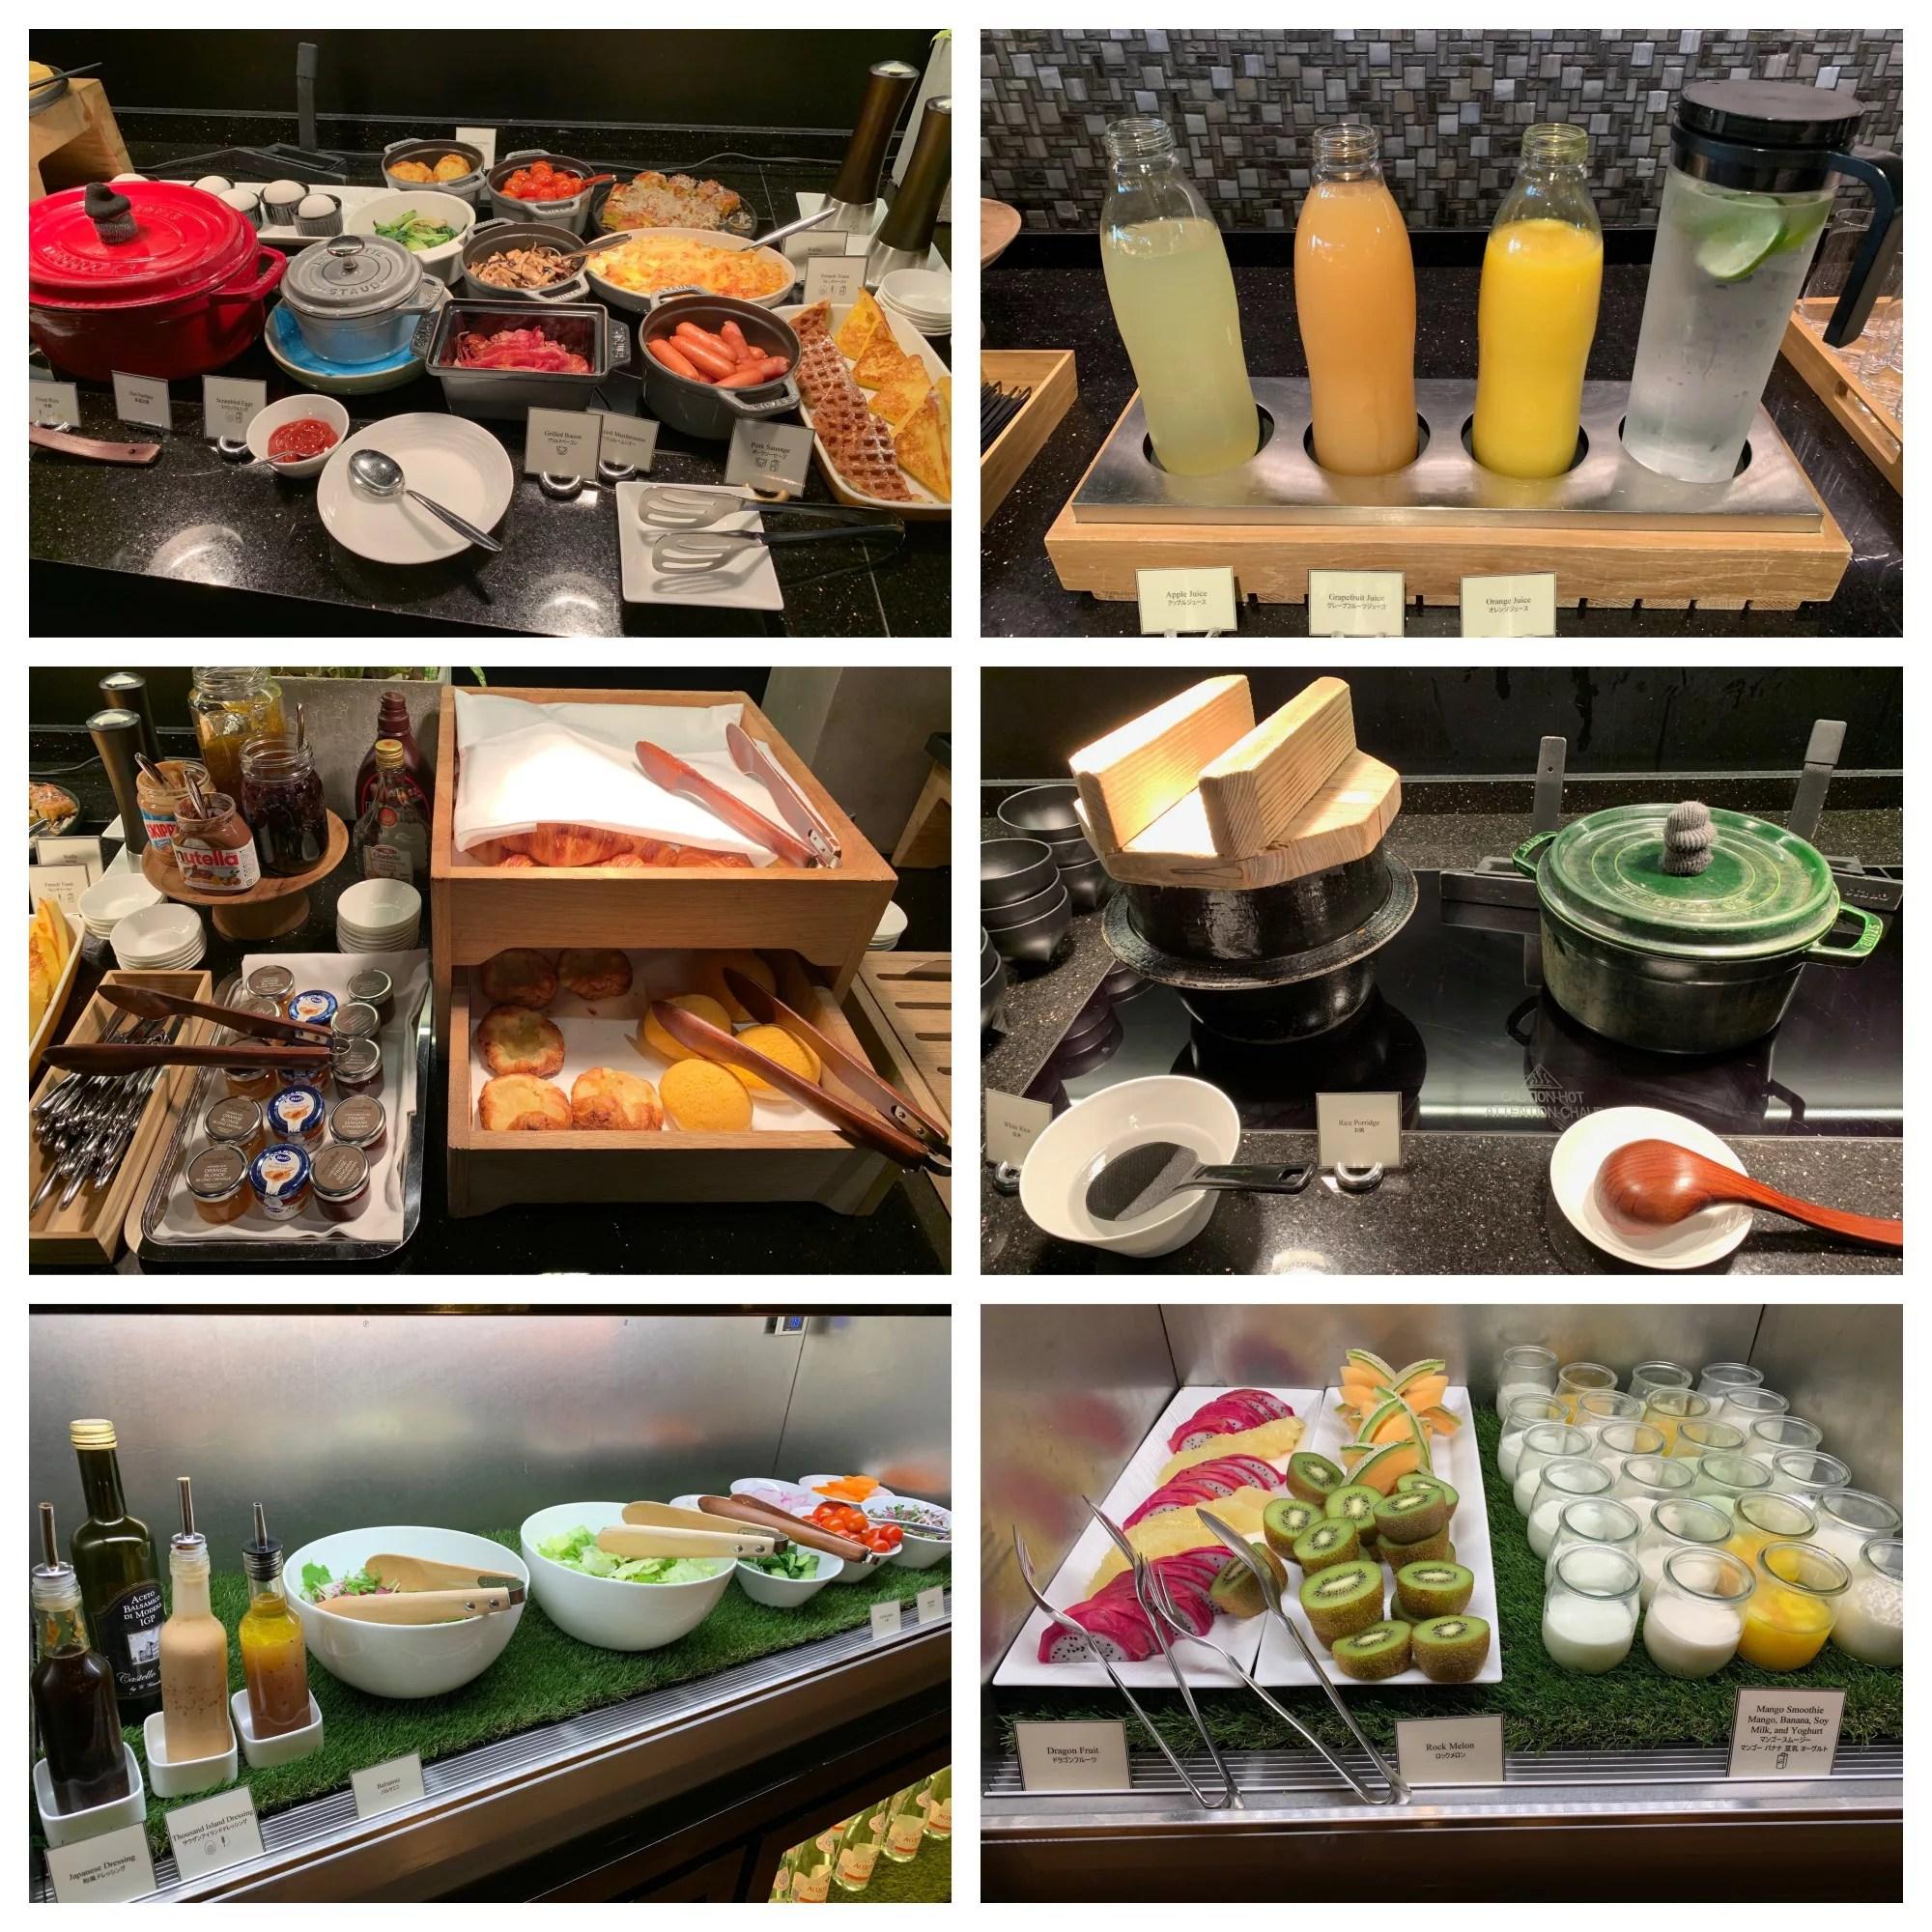 コンラッド大阪エグゼクティブラウンジ朝食提供が復活!アトモスダイニングとの比較